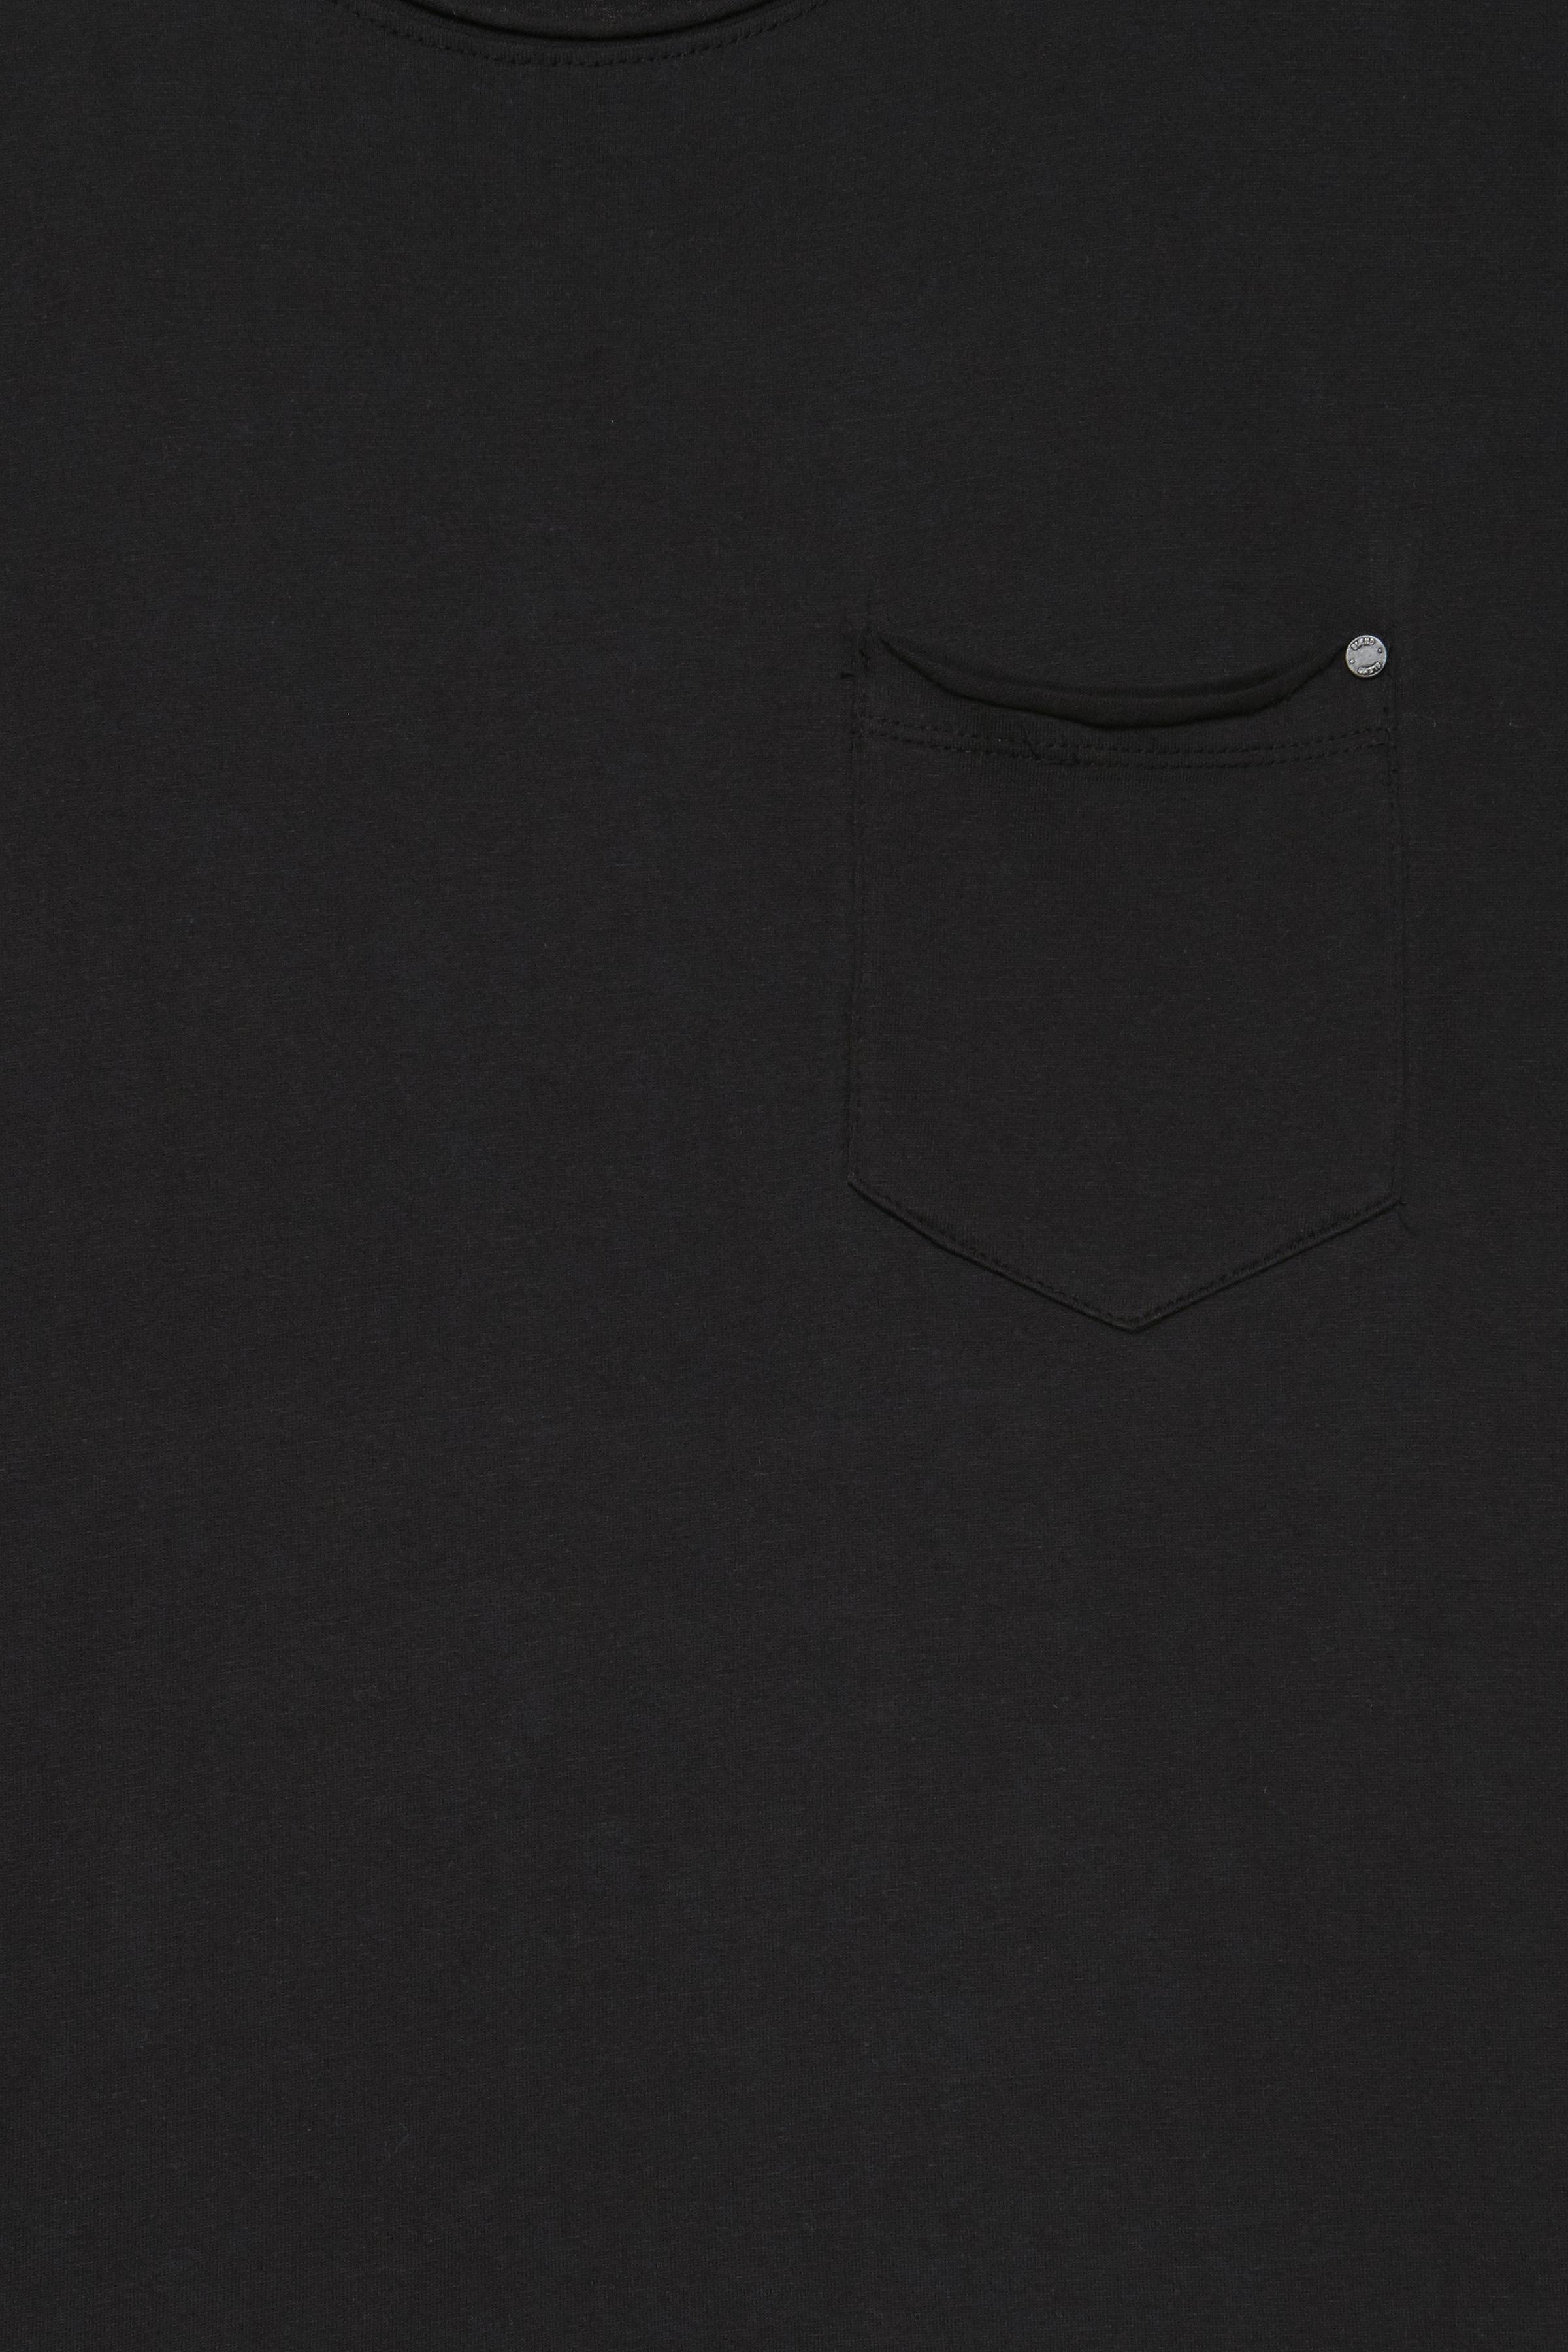 Sort Kortærmet T-shirt fra Blend He – Køb Sort Kortærmet T-shirt fra str. S-3XL her